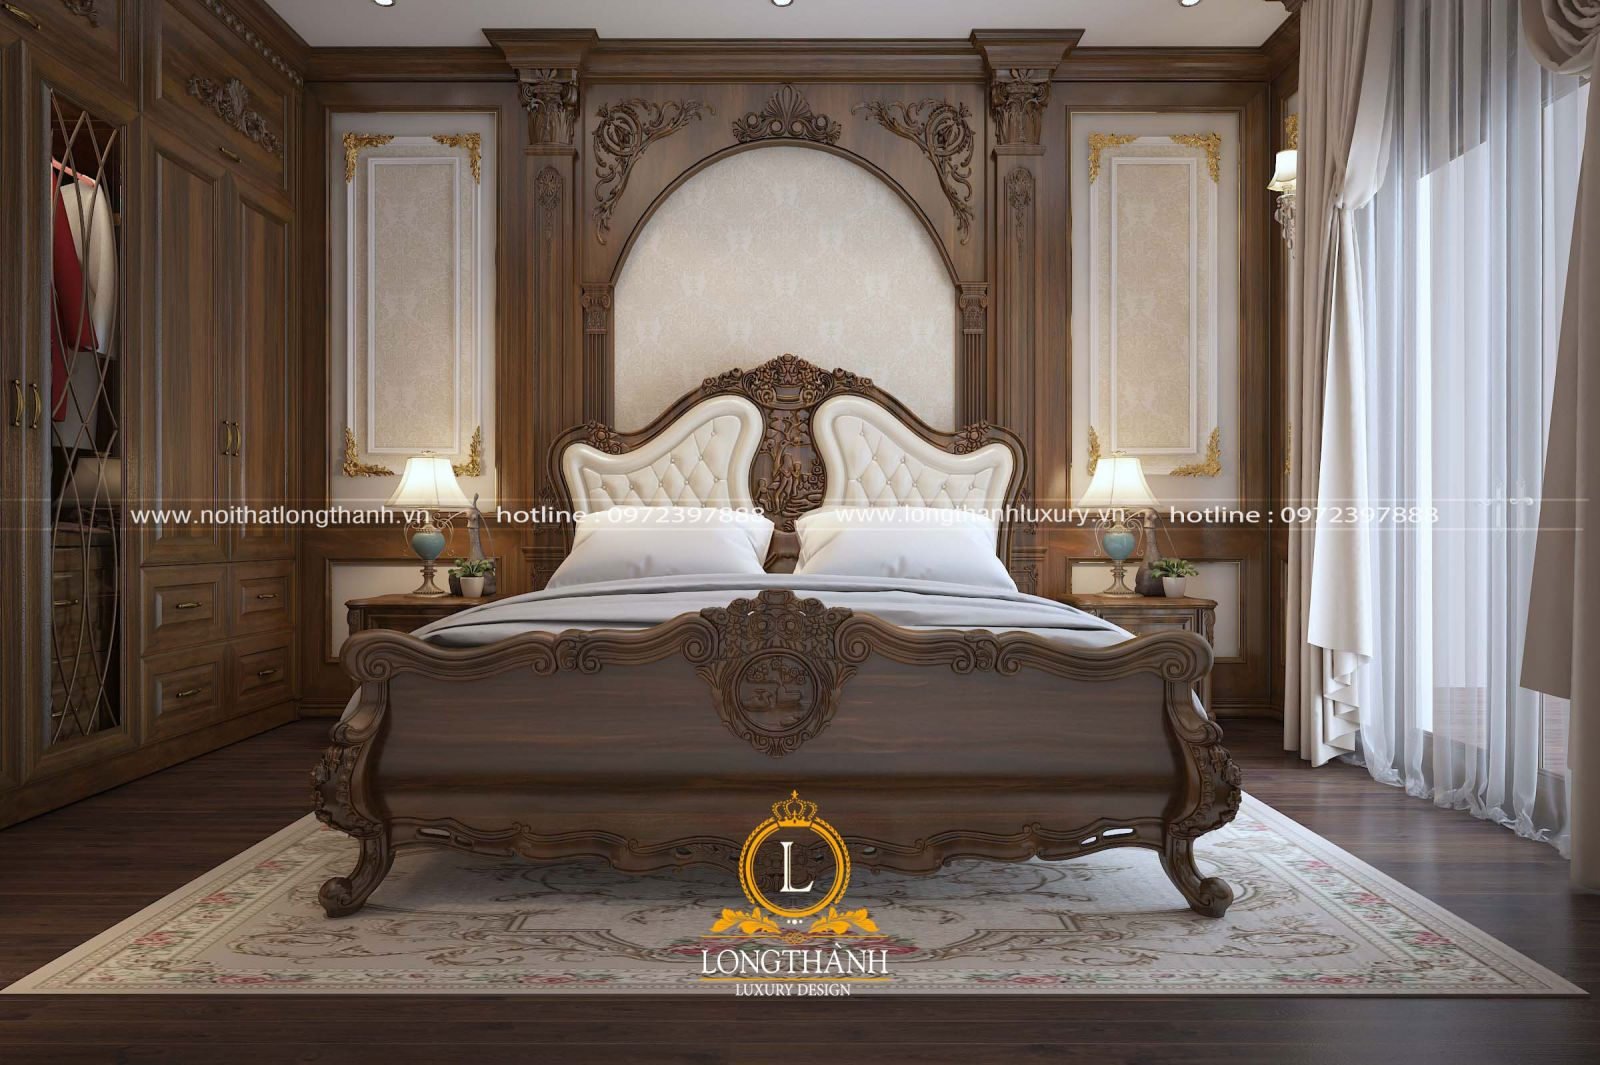 Phòng ngủ cao cấp cho chủ nhân